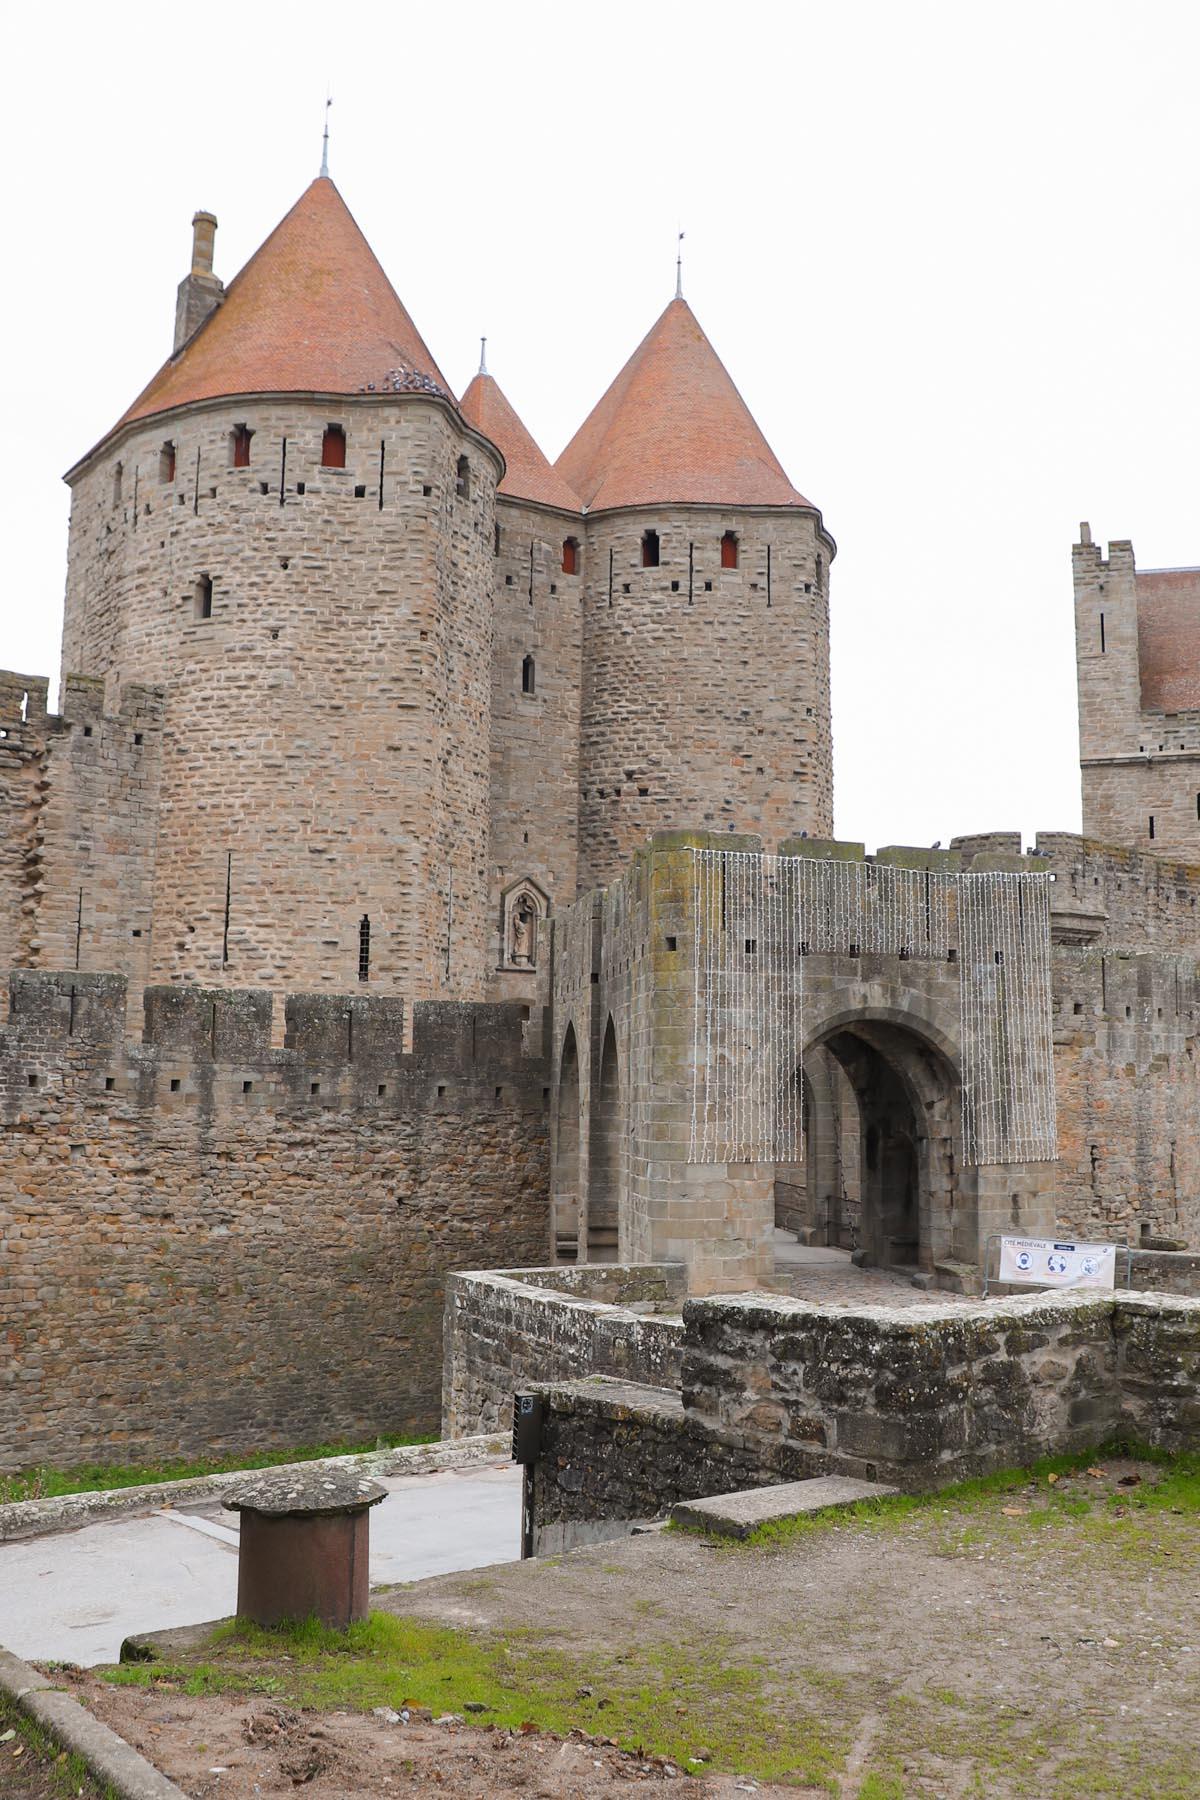 Porte-narbonnaise-cite-de-carcassonne